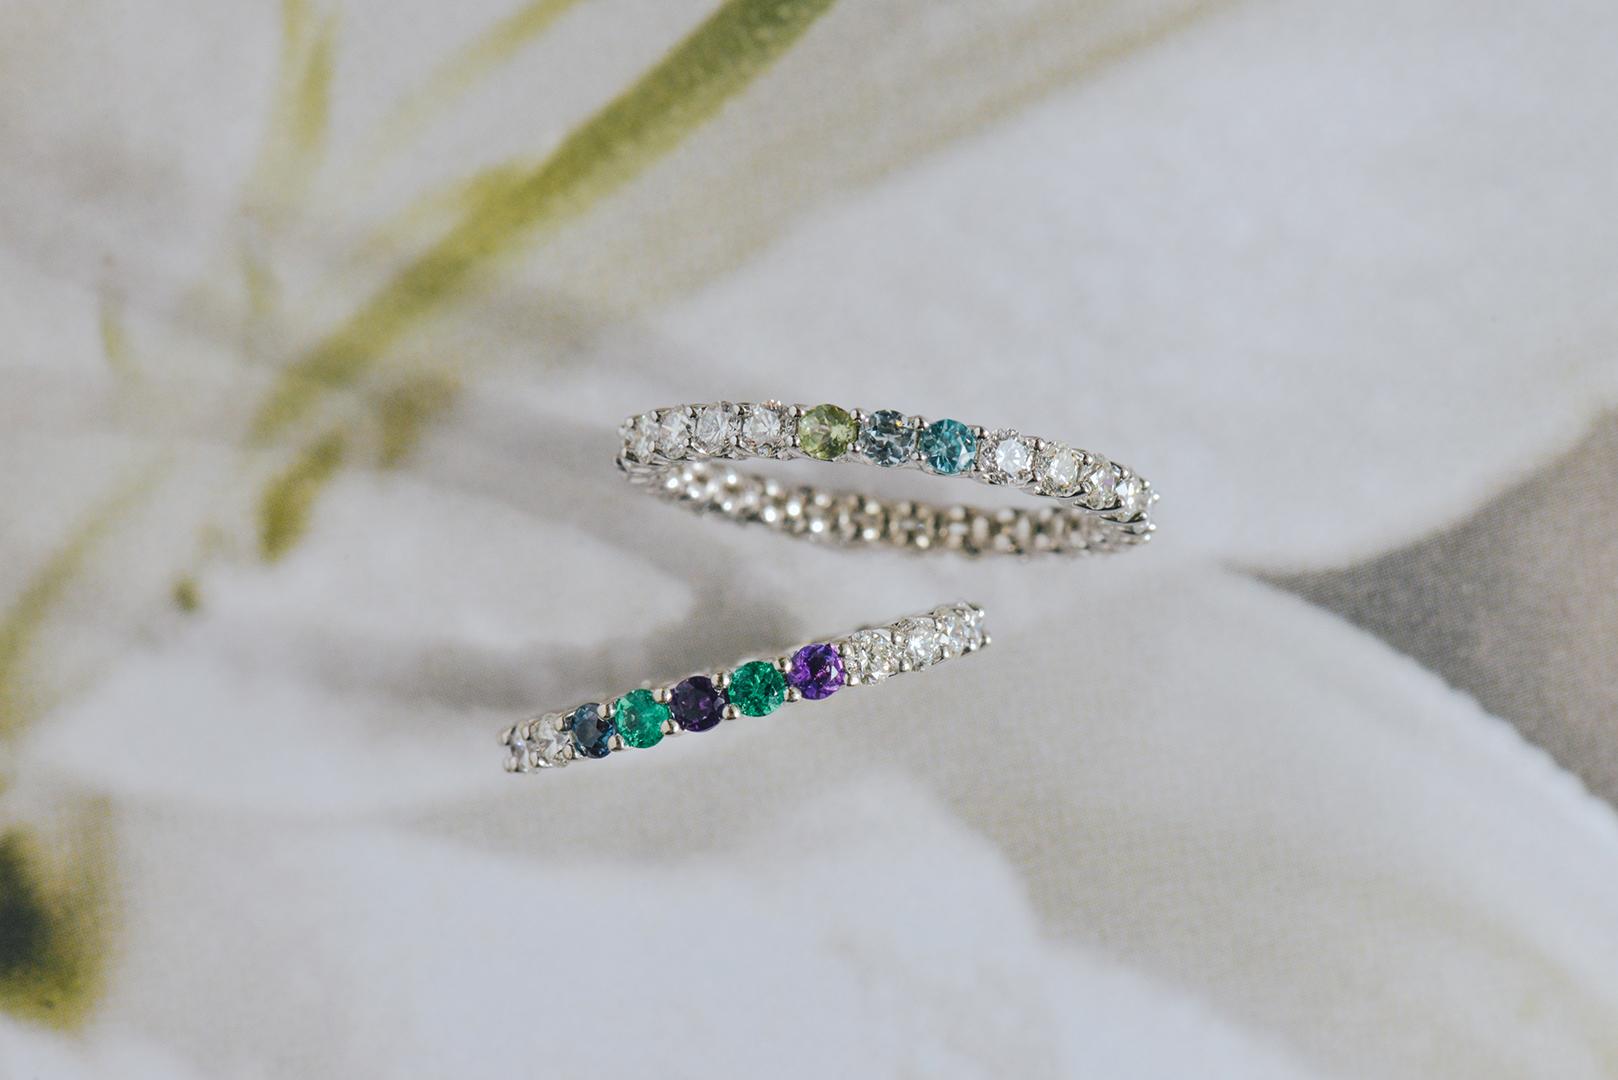 gemstone rings, alexandrite, aquamarine, emerald, peridot